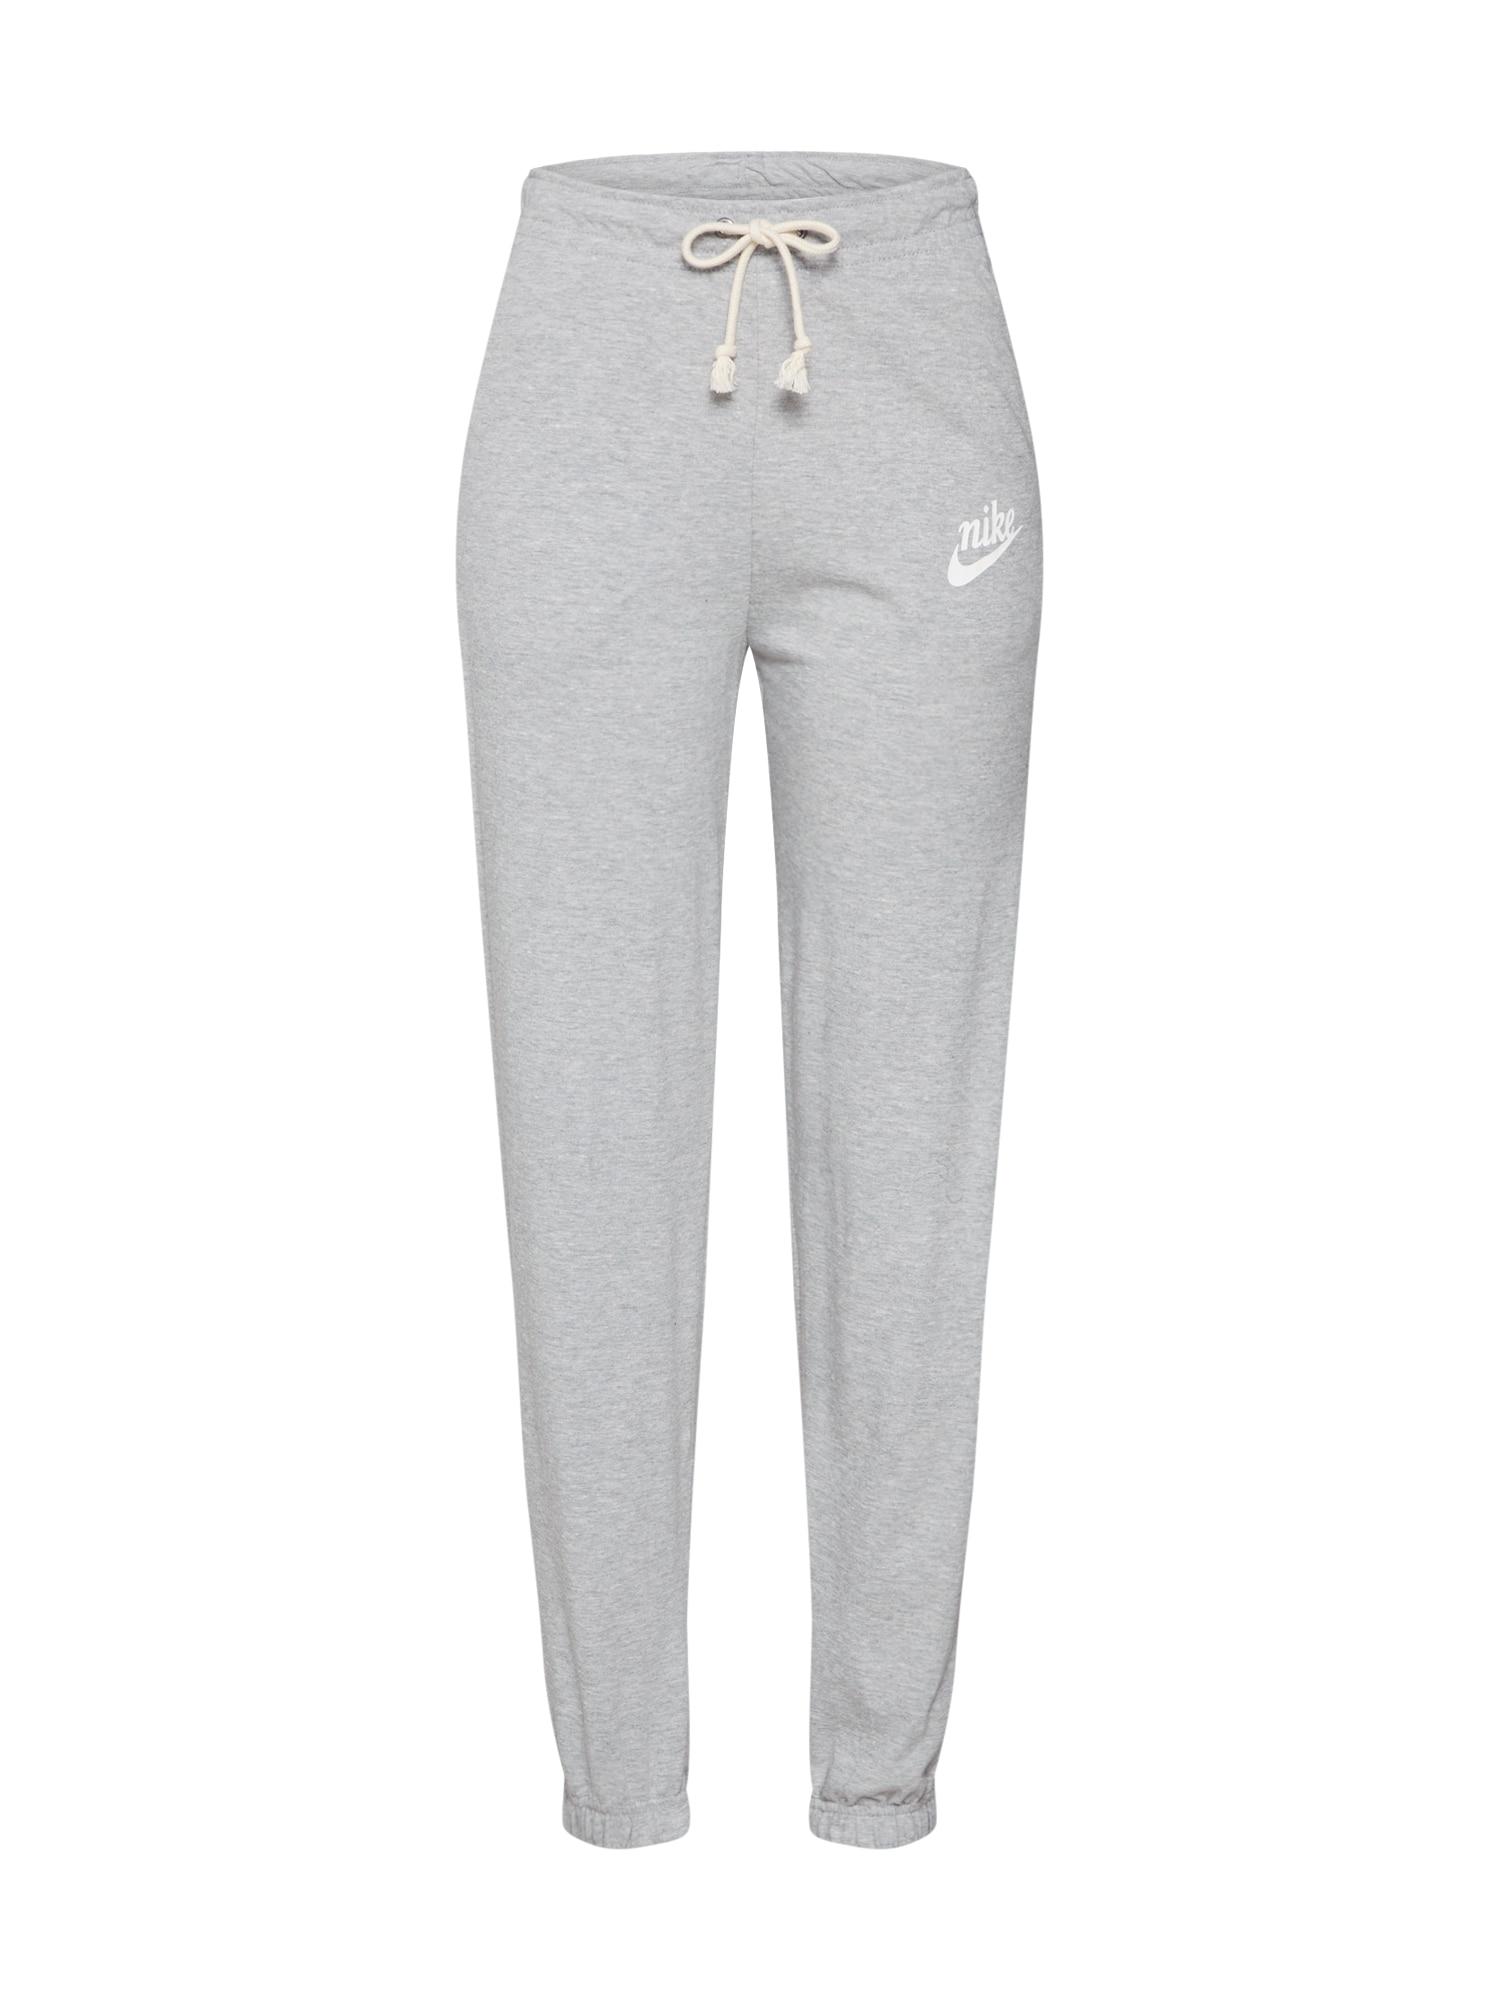 Nike Sportswear Kelnės 'W NSW GYM VNTG PANT' pilka